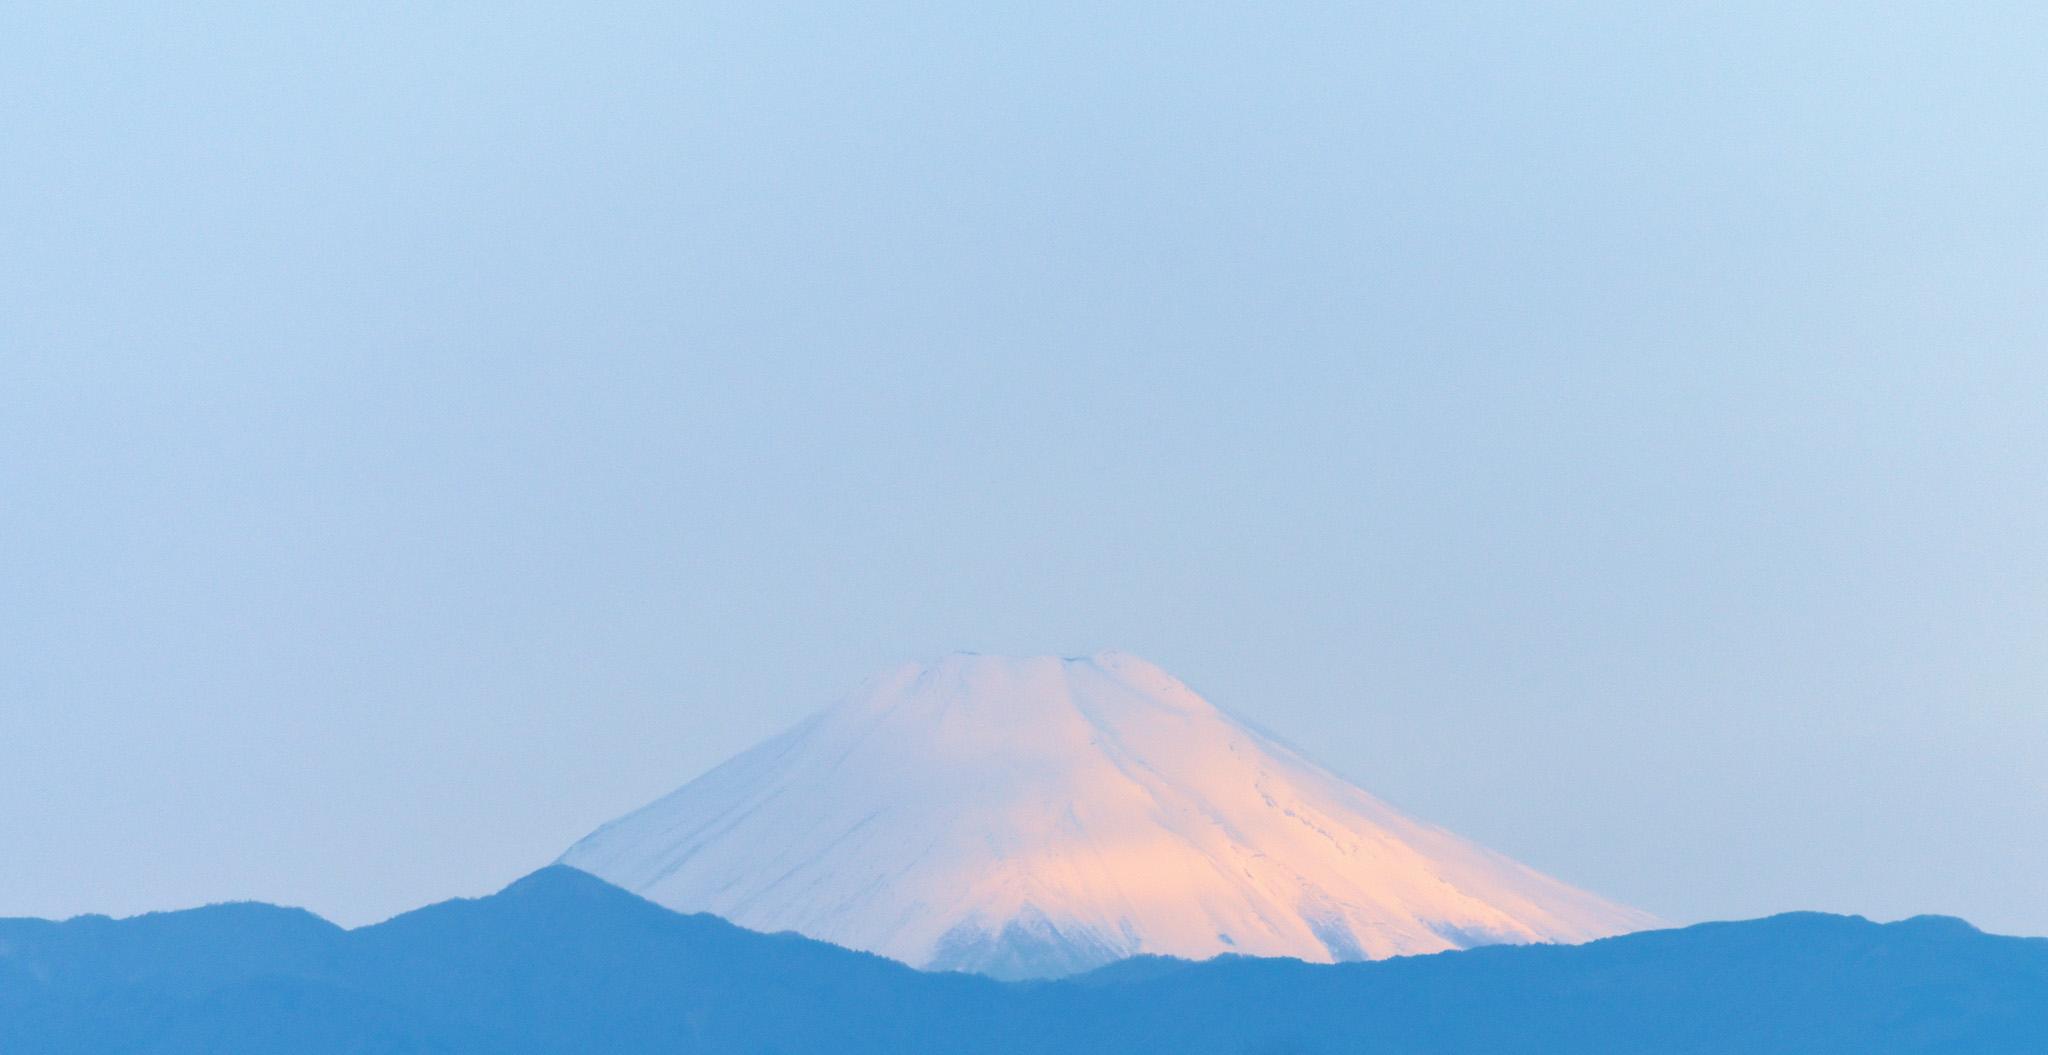 5月3日の富士。総本部から撮影。5時55分